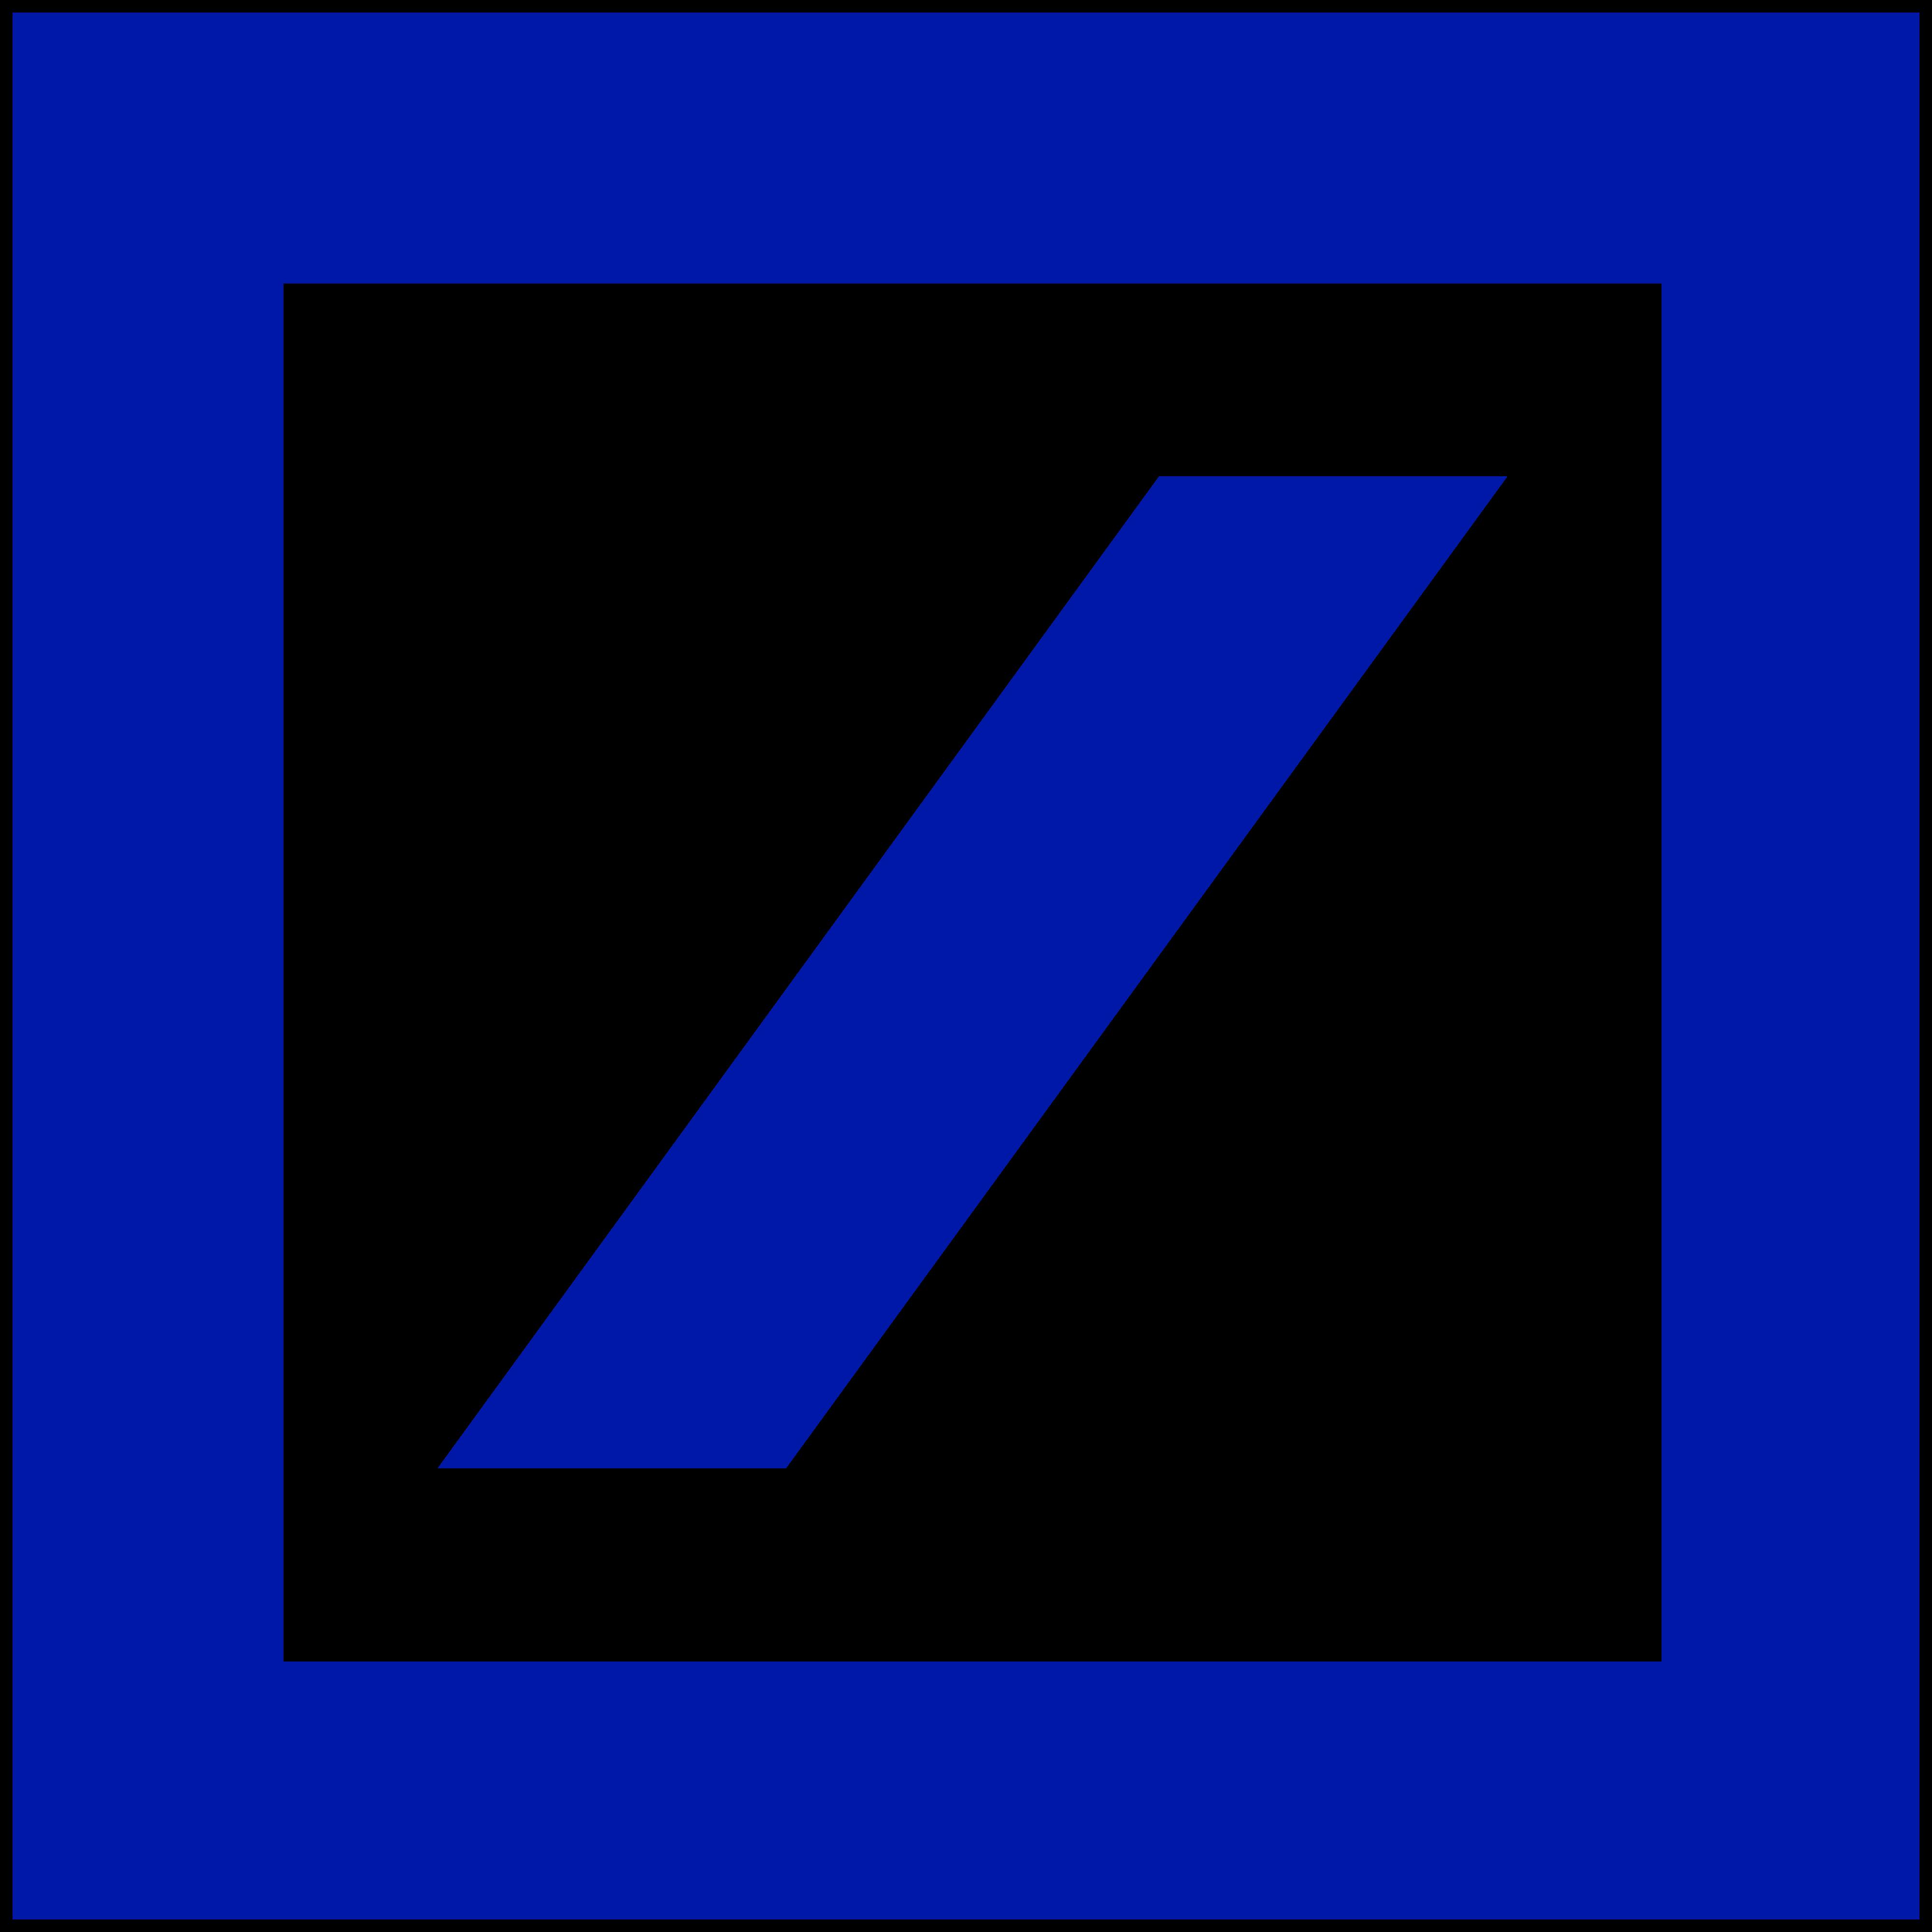 Deutsche Bank Logos Download